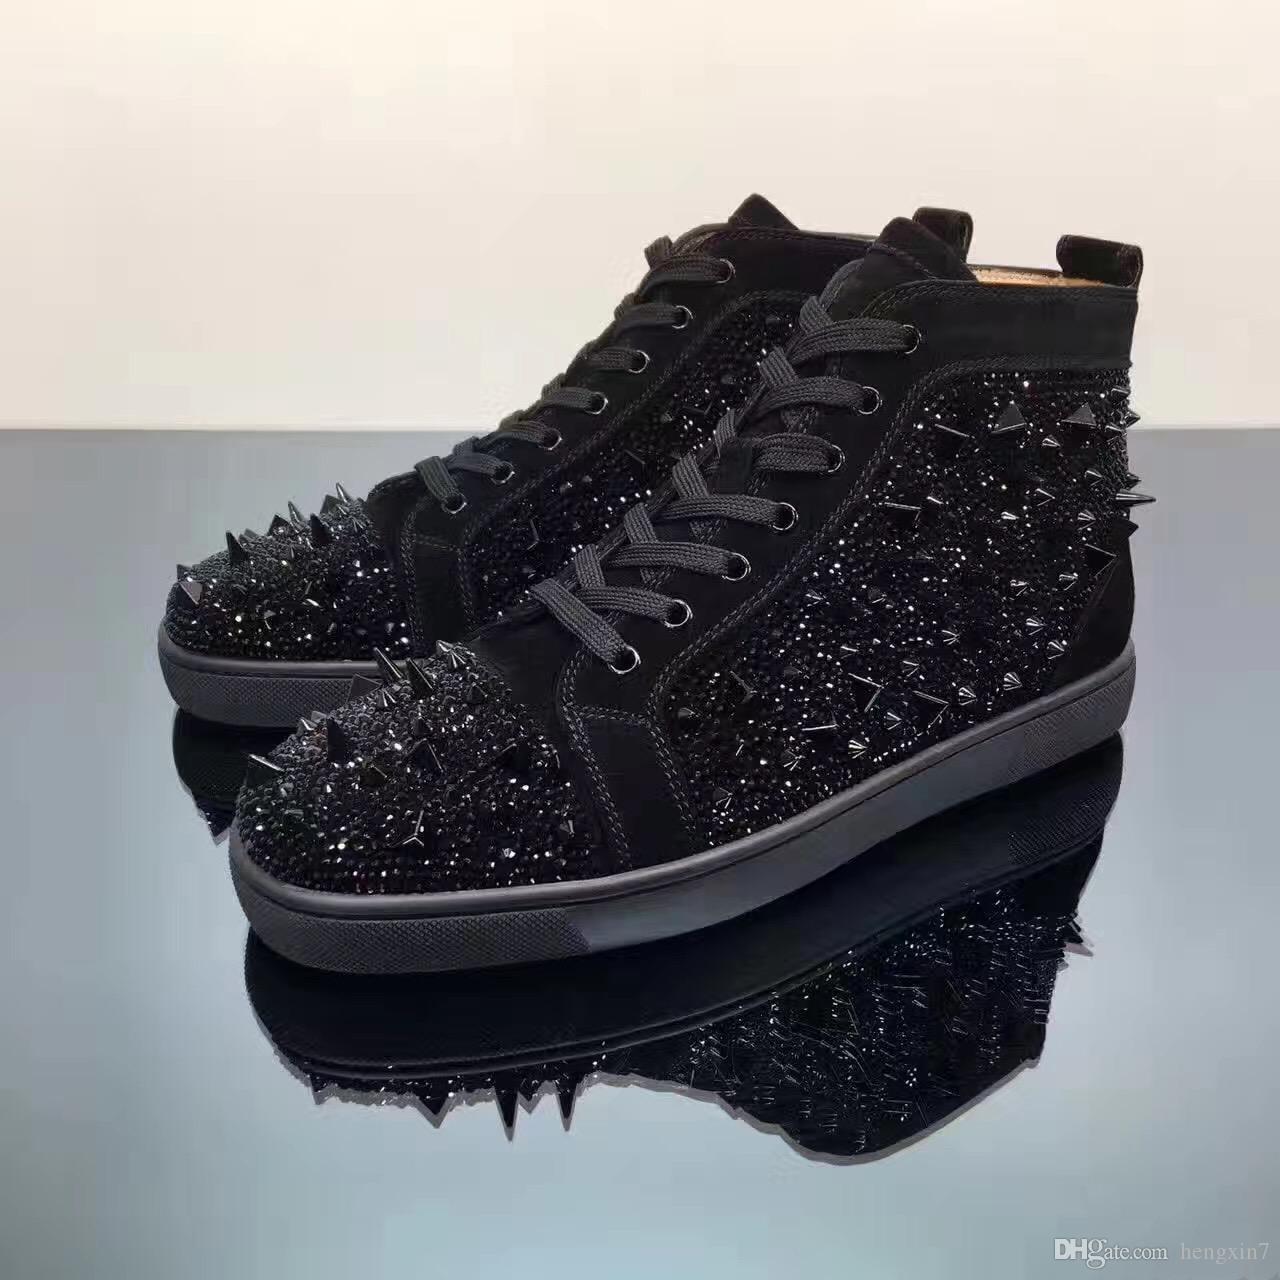 Nero Strass Pik Pik Spikes inferiore rossa di lusso Designer Mens Strass Sneaker moda Luogo abito da sposa Casual Scarpe per il tempo libero Lace-up